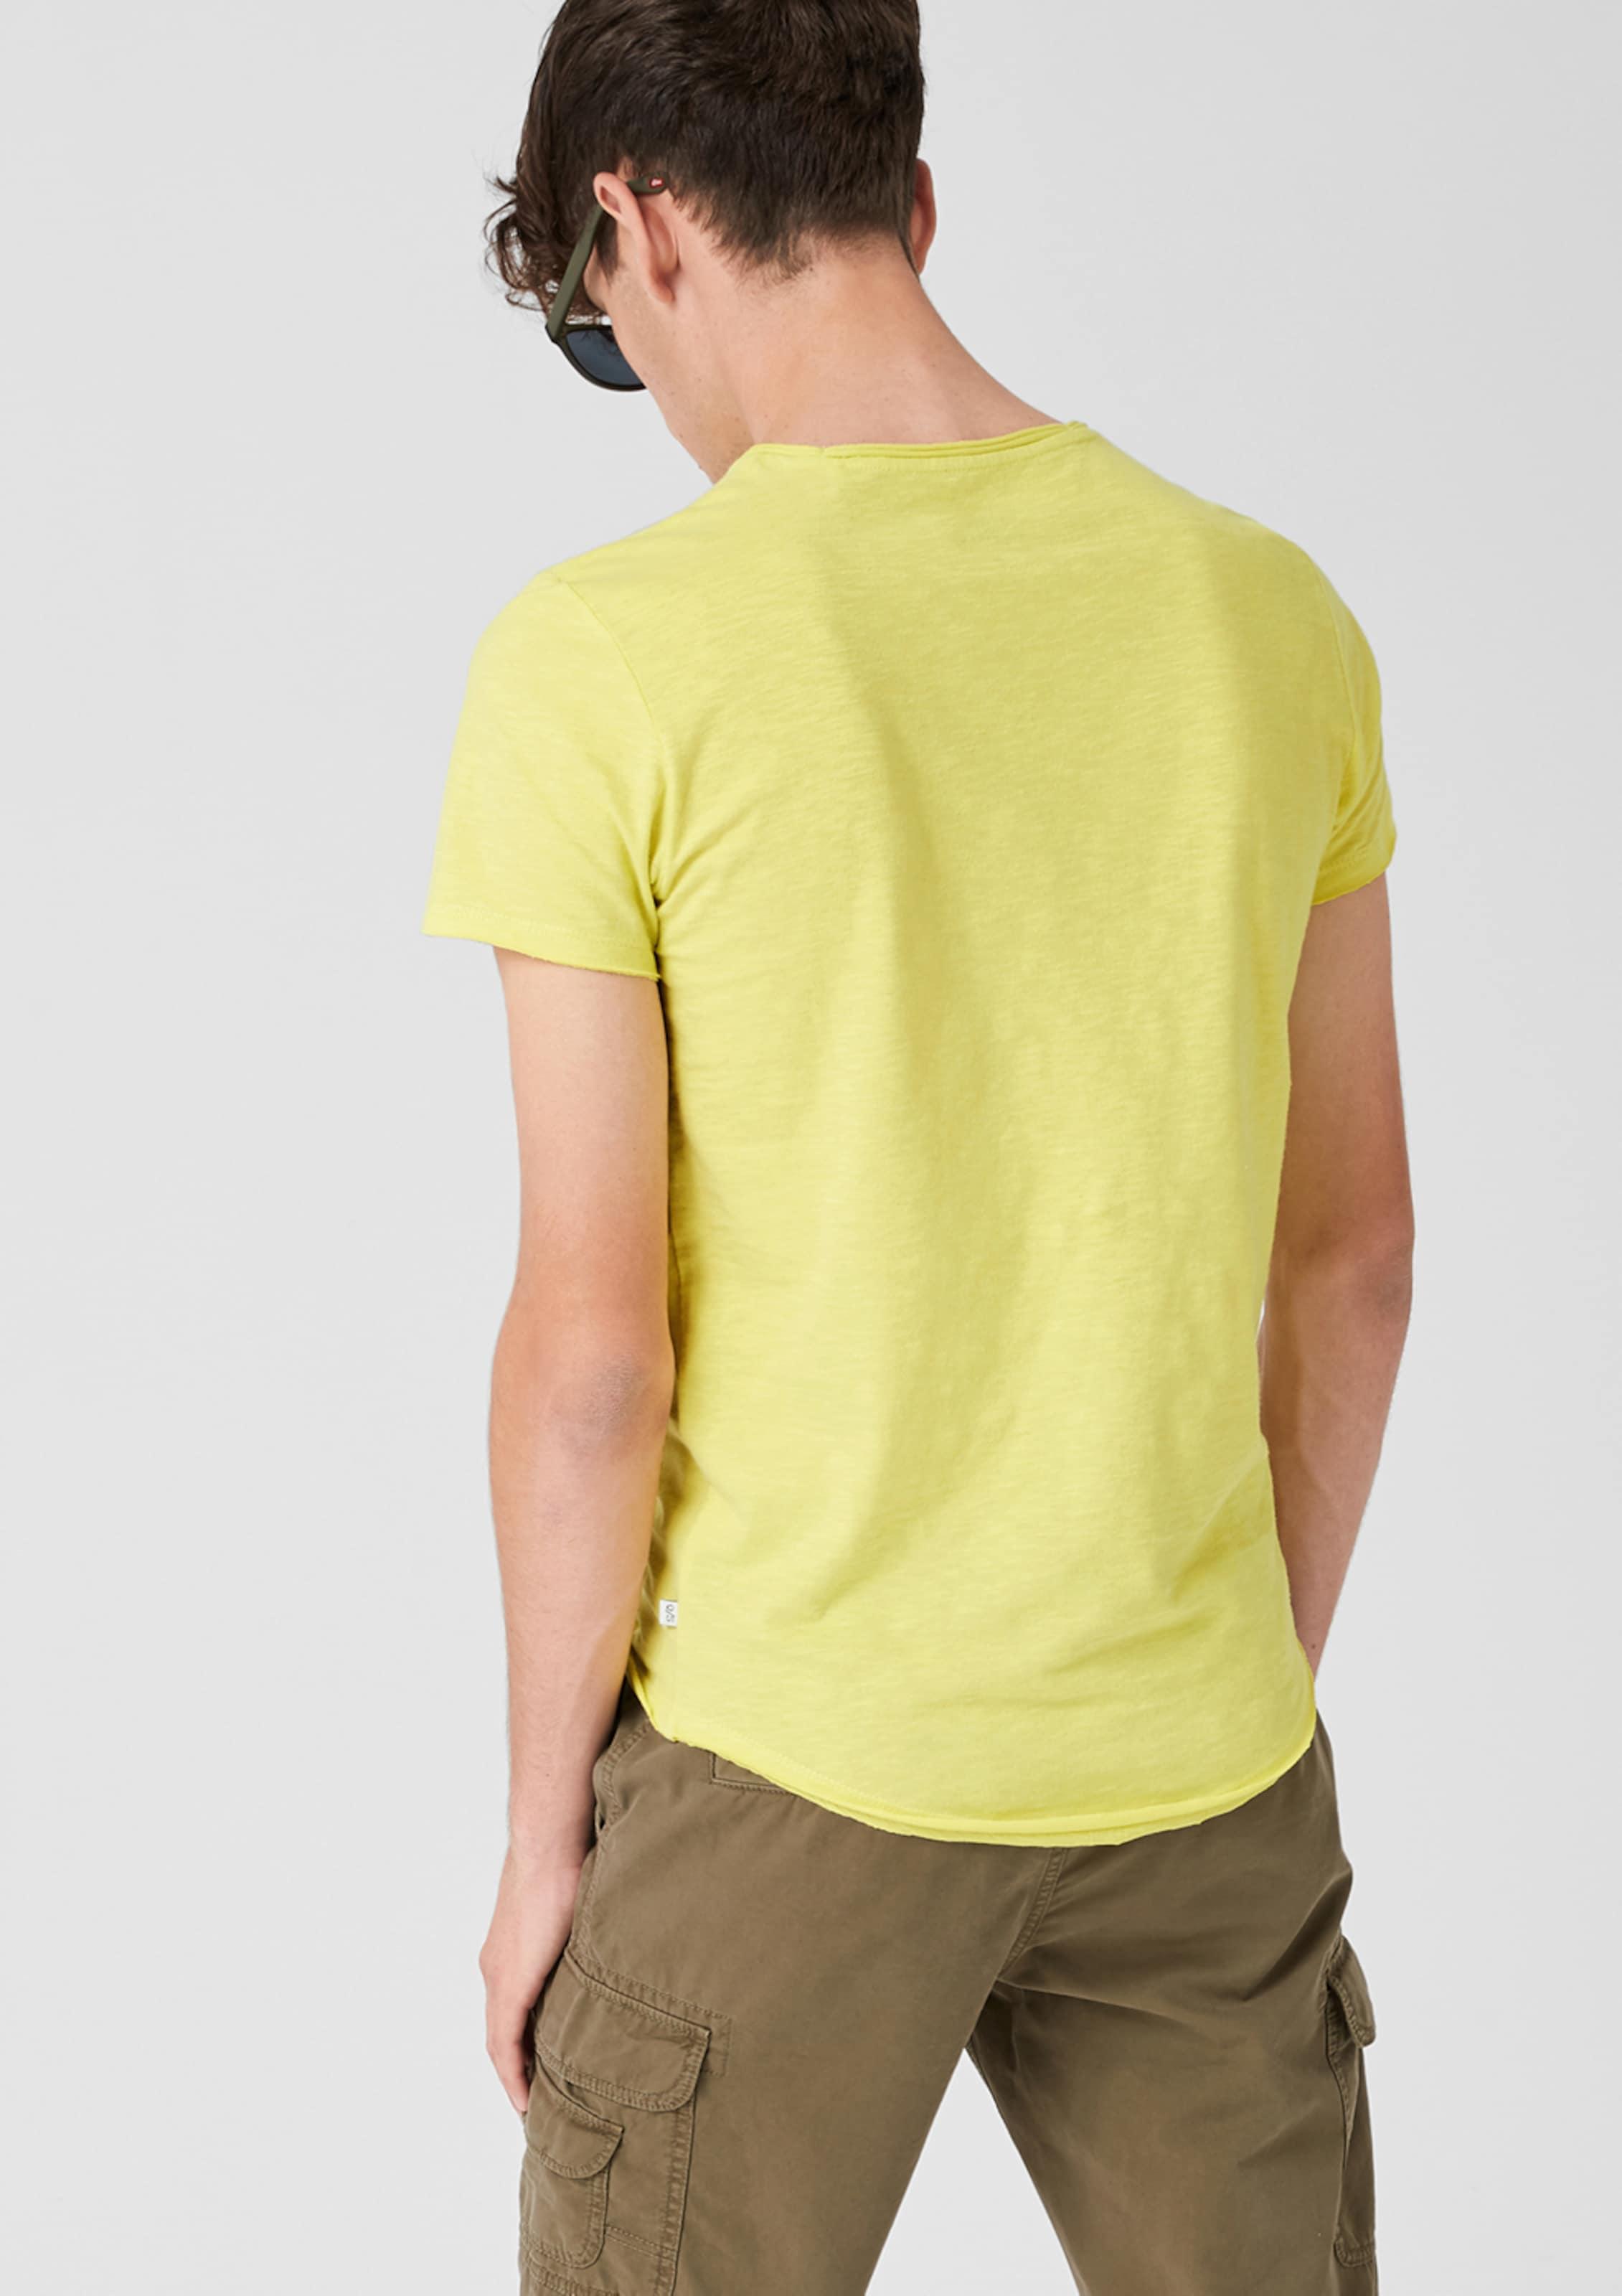 Gelbmeliert Designed s shirt T In Q By pSUMVqz